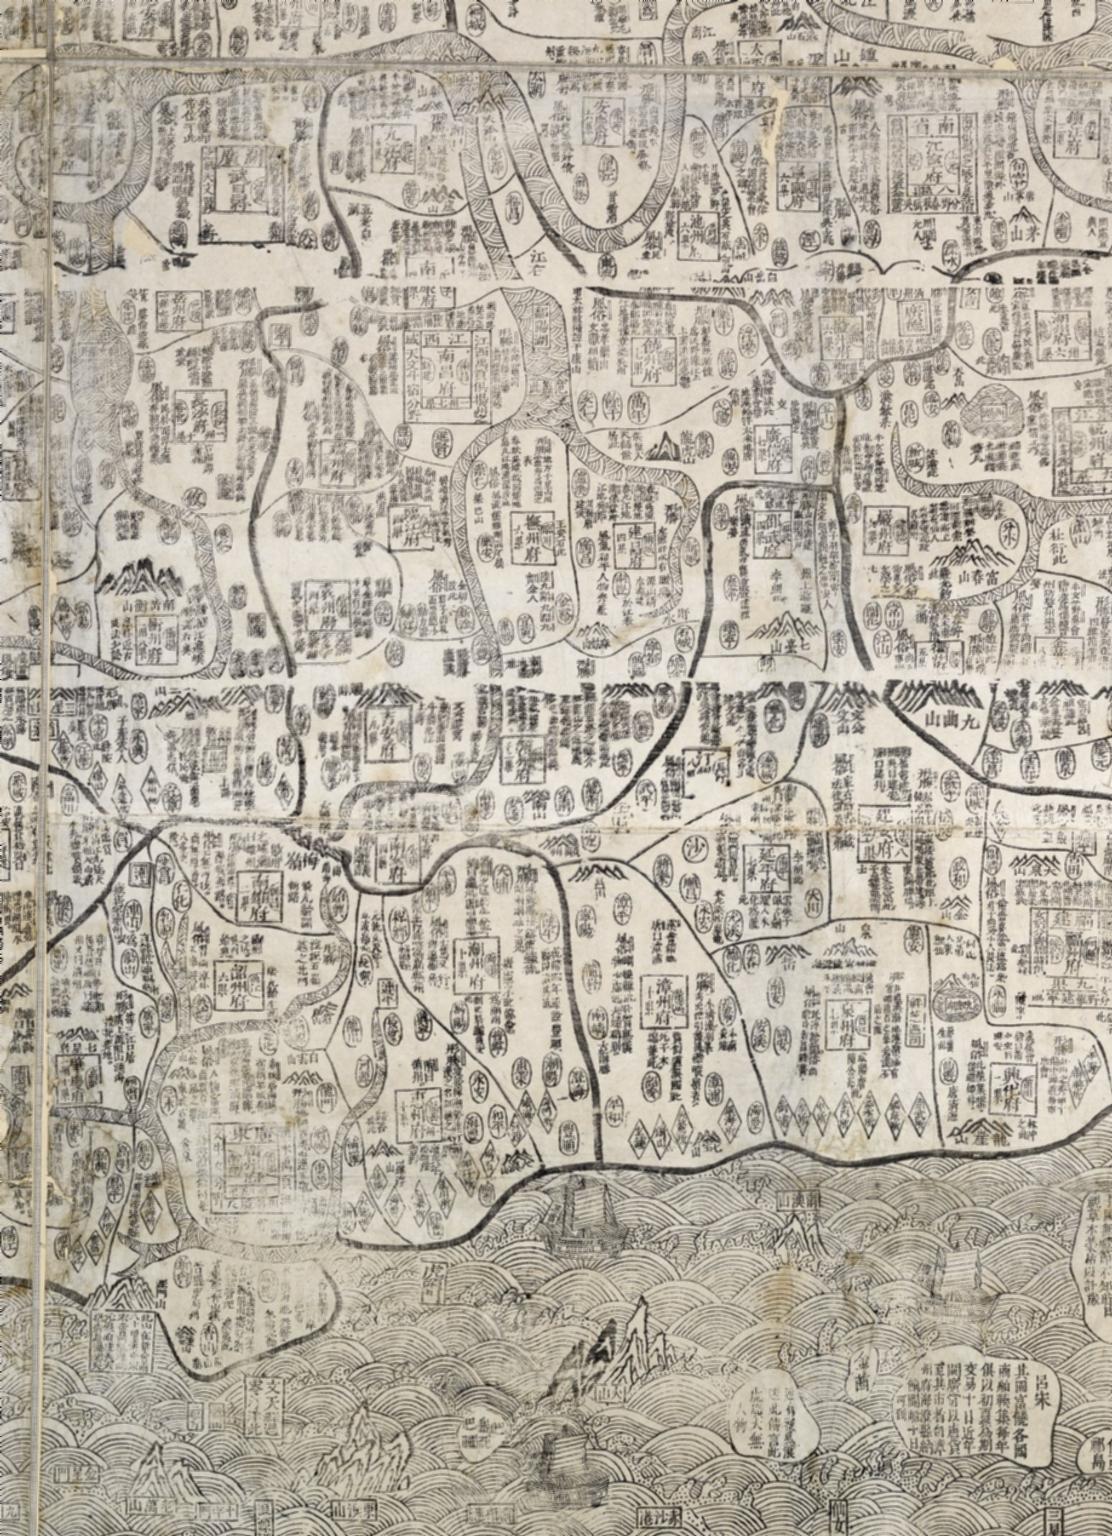 [Carte de la Chine]. Part 11